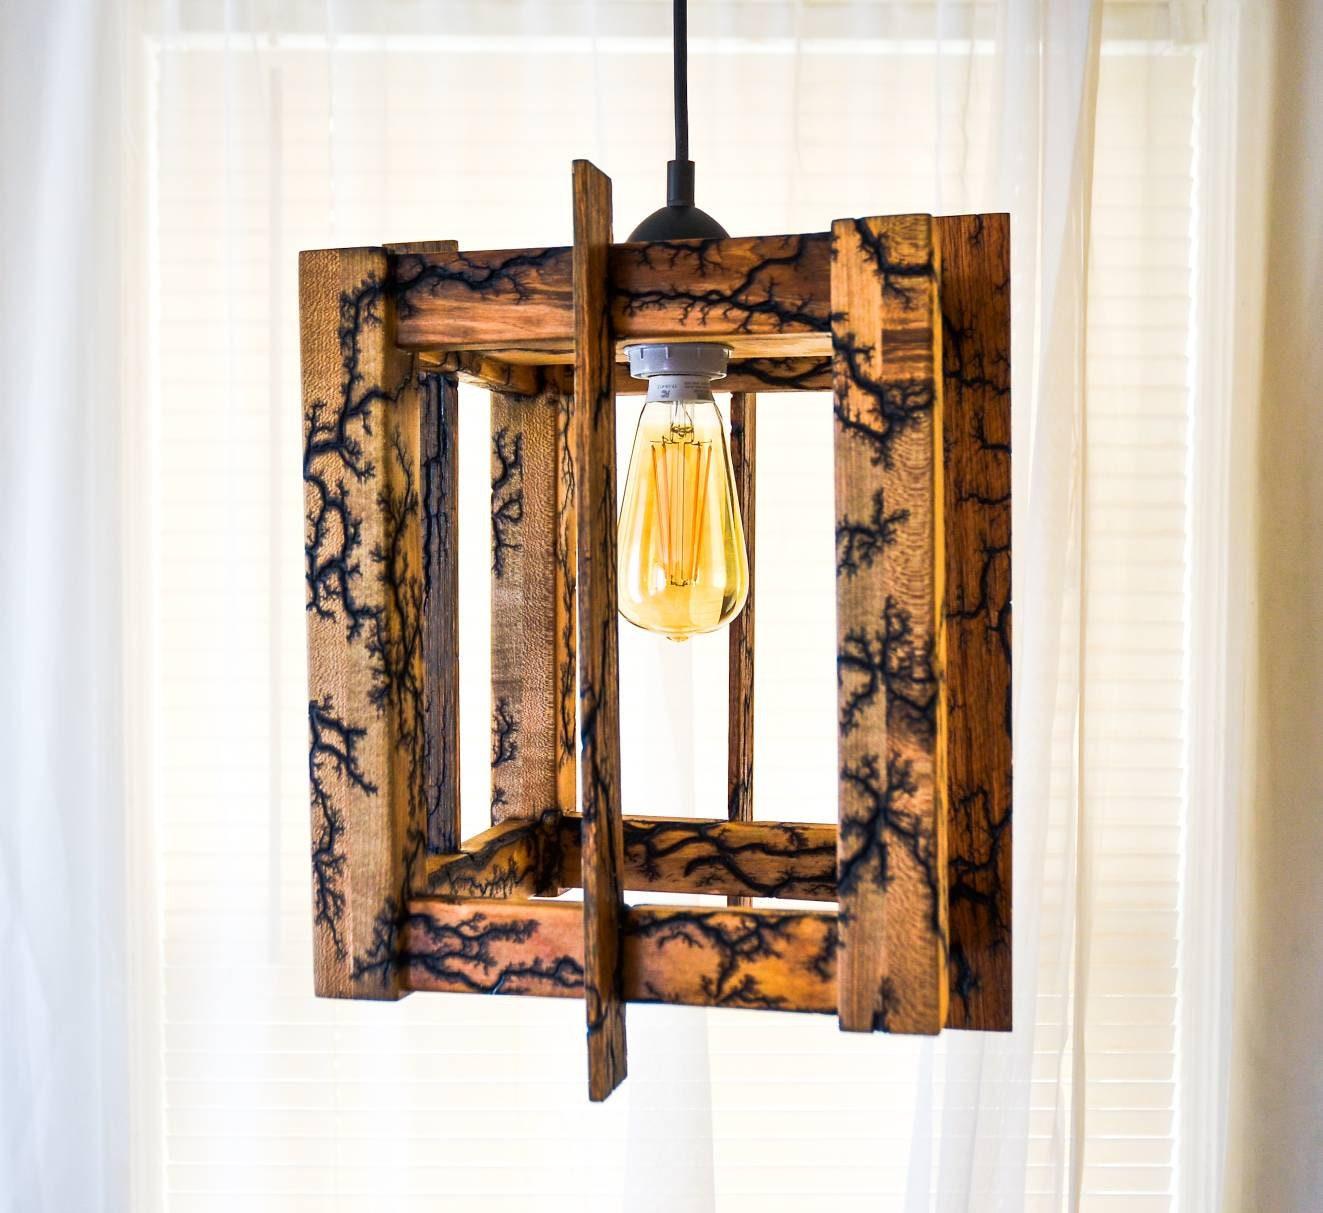 Fractal Pendant Lights: Handmade Pendant Lamp W/ Fractal Wood Burning